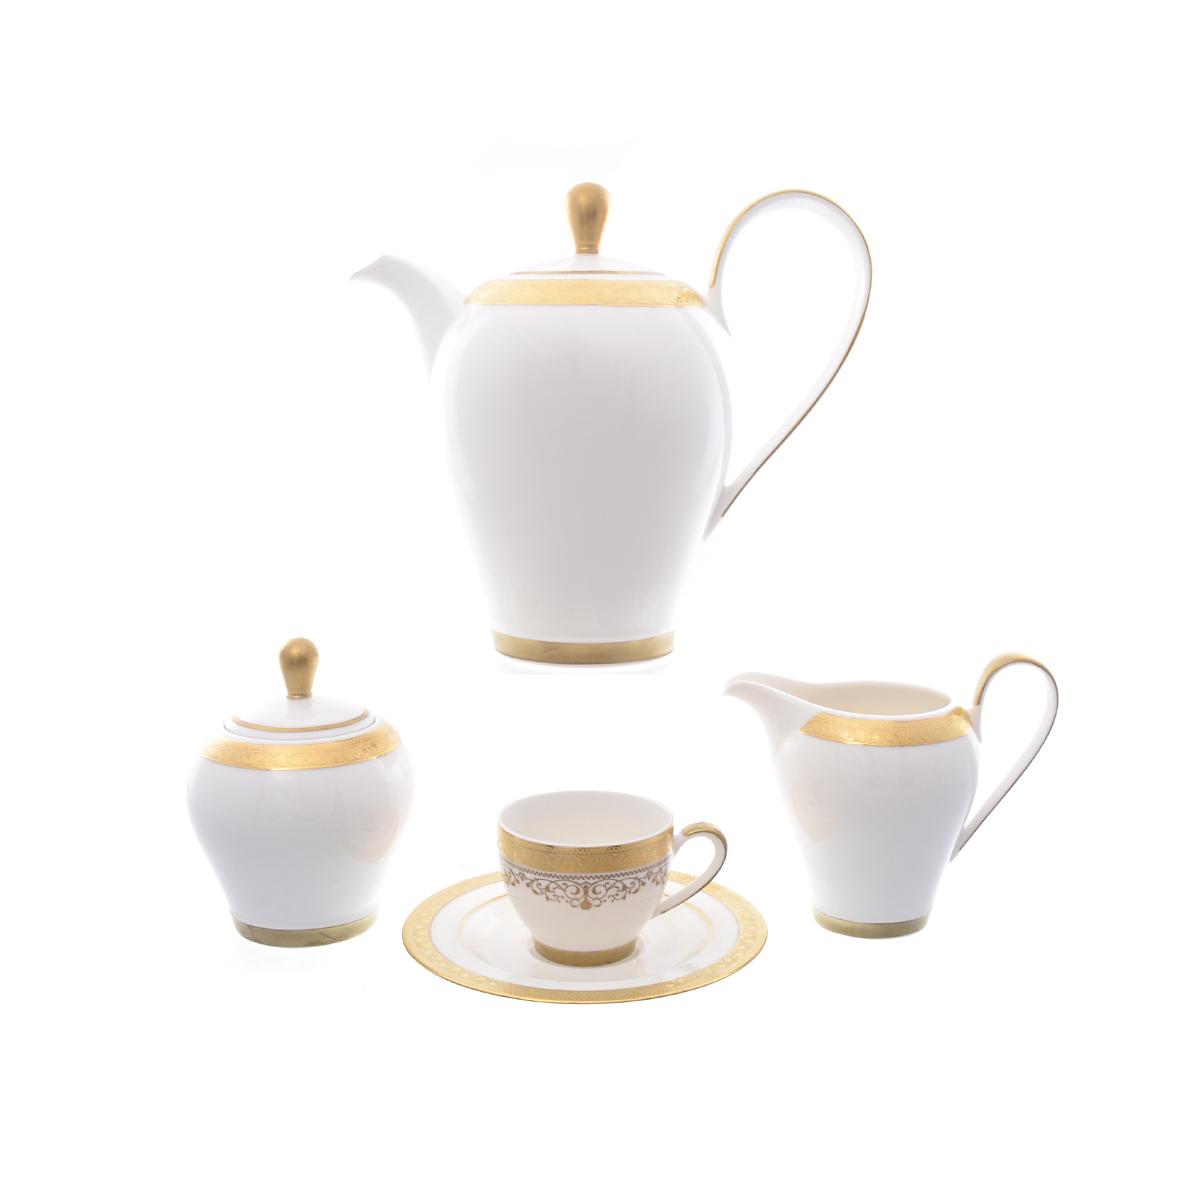 Кофейный сервиз maxim round lillet gold (9 предметов) (falkenporzellan) белый